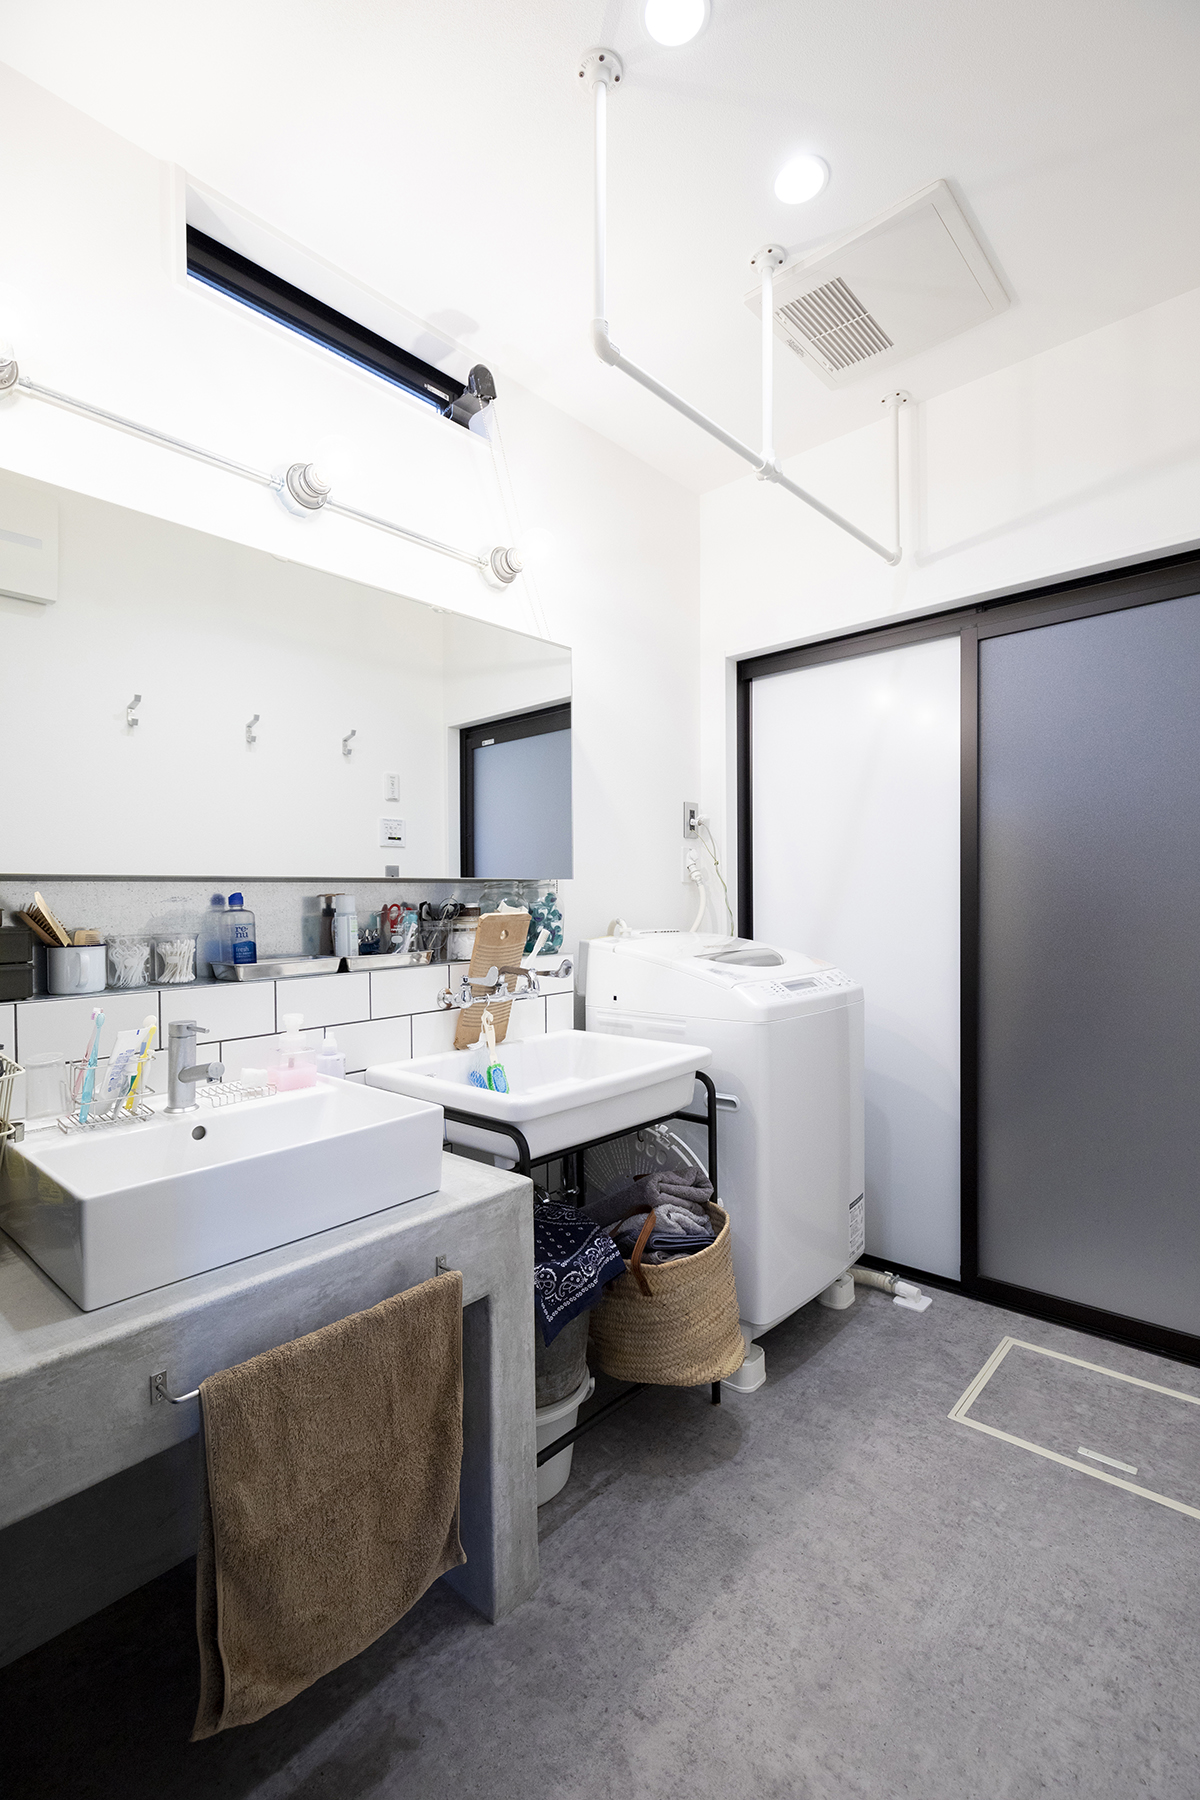 配管を活かした照明を取り入れるなど、アイデア満載な造作洗面台。